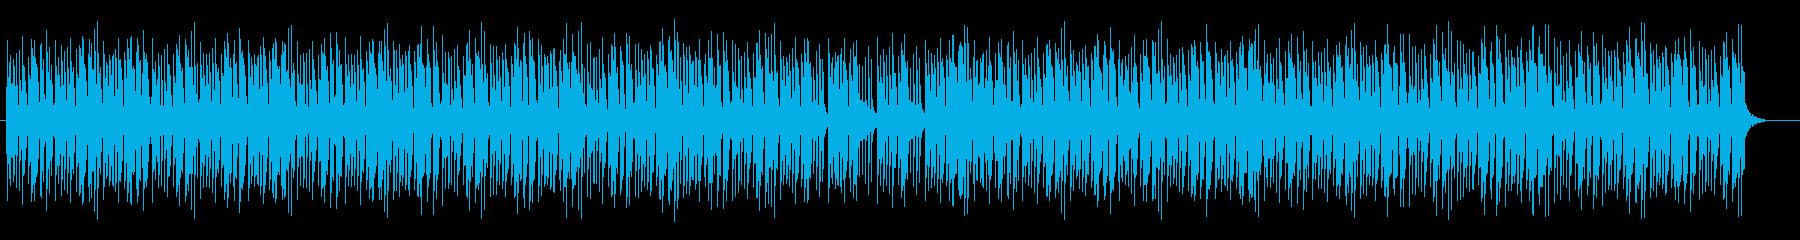 オルガンによるボサノバの再生済みの波形